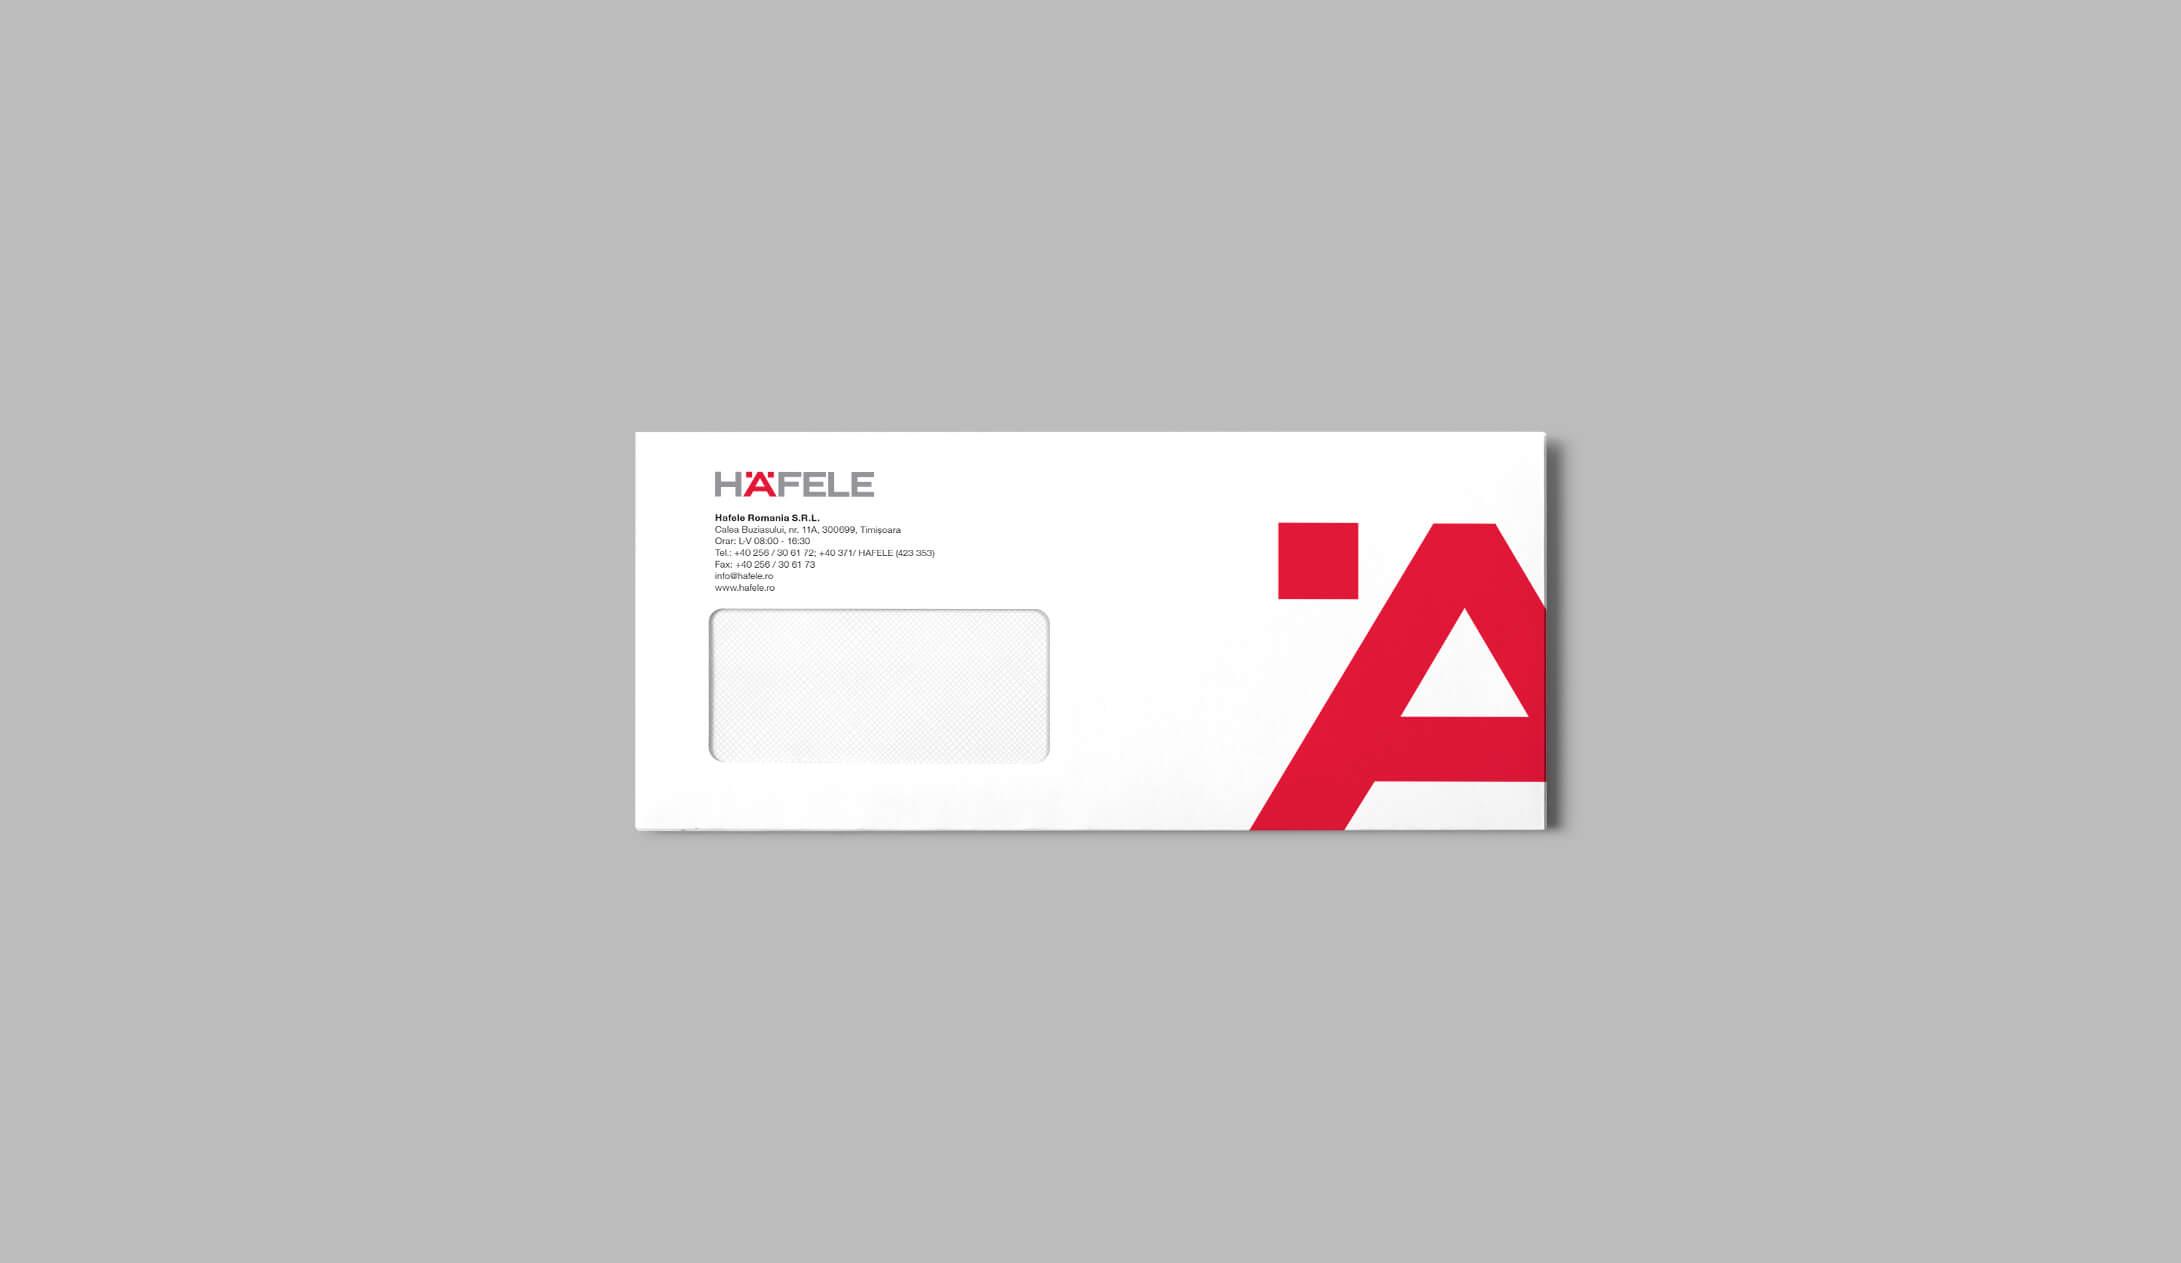 01 Mockup Plic DL Hafele